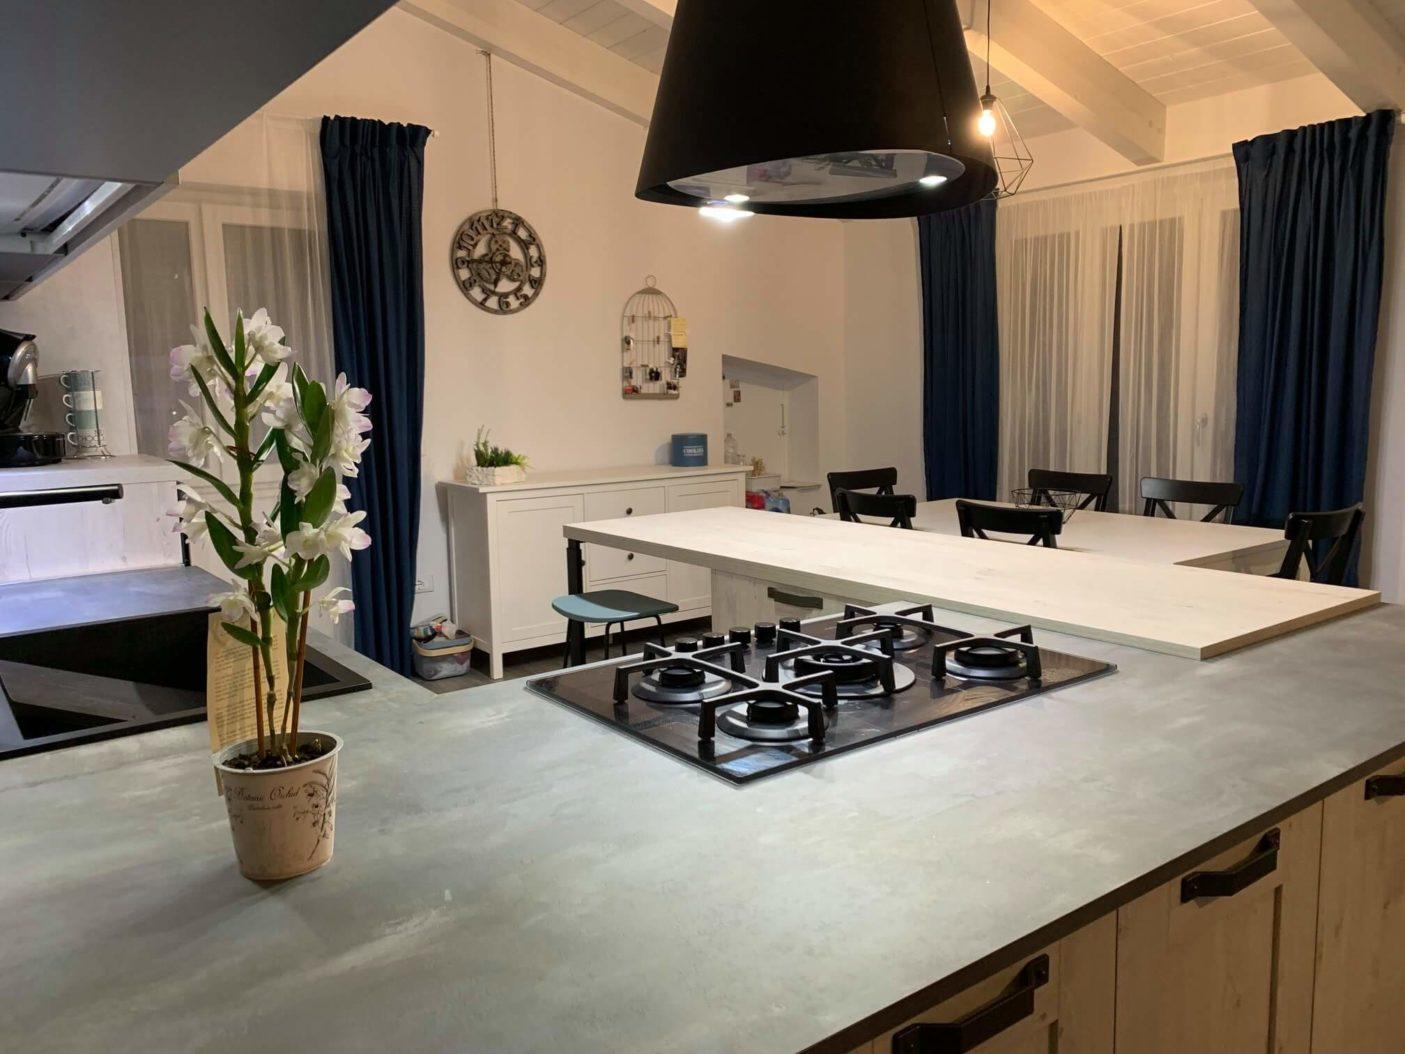 Cucina-Creo-Kitchens-e-Shabby-Chic-Style8.jpg